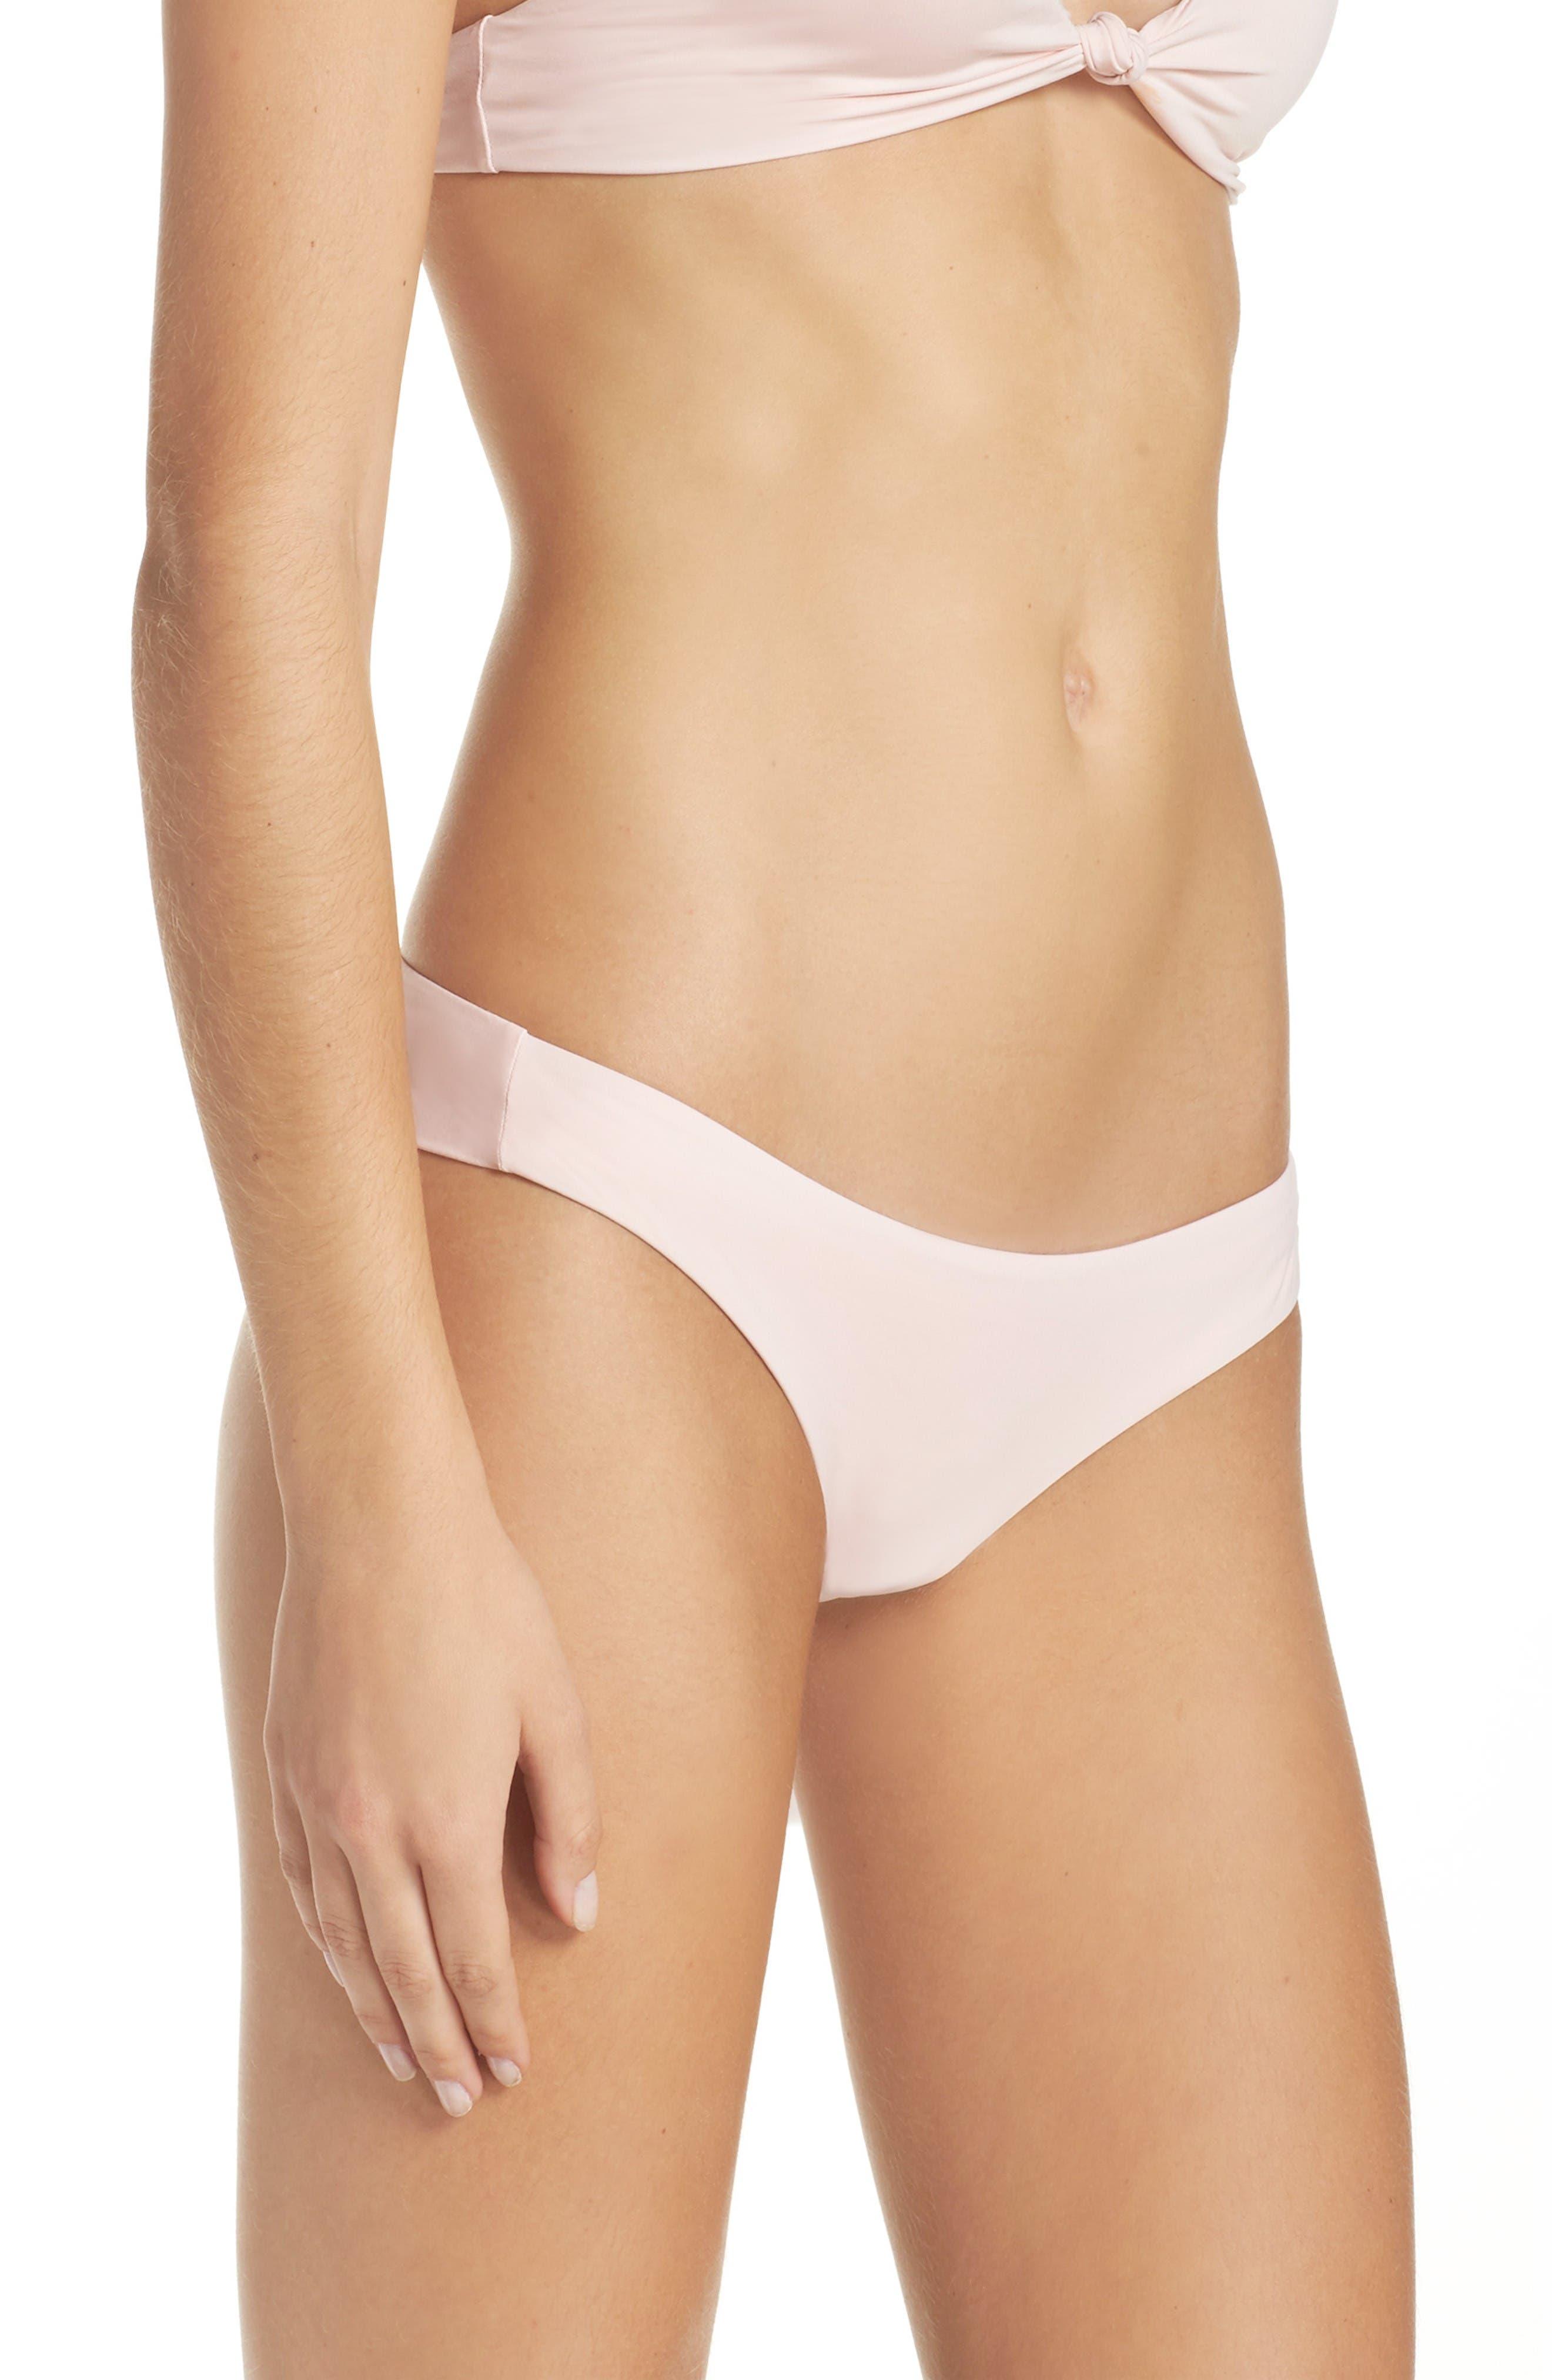 Marina Bikini Bottoms,                             Alternate thumbnail 3, color,                             Blush